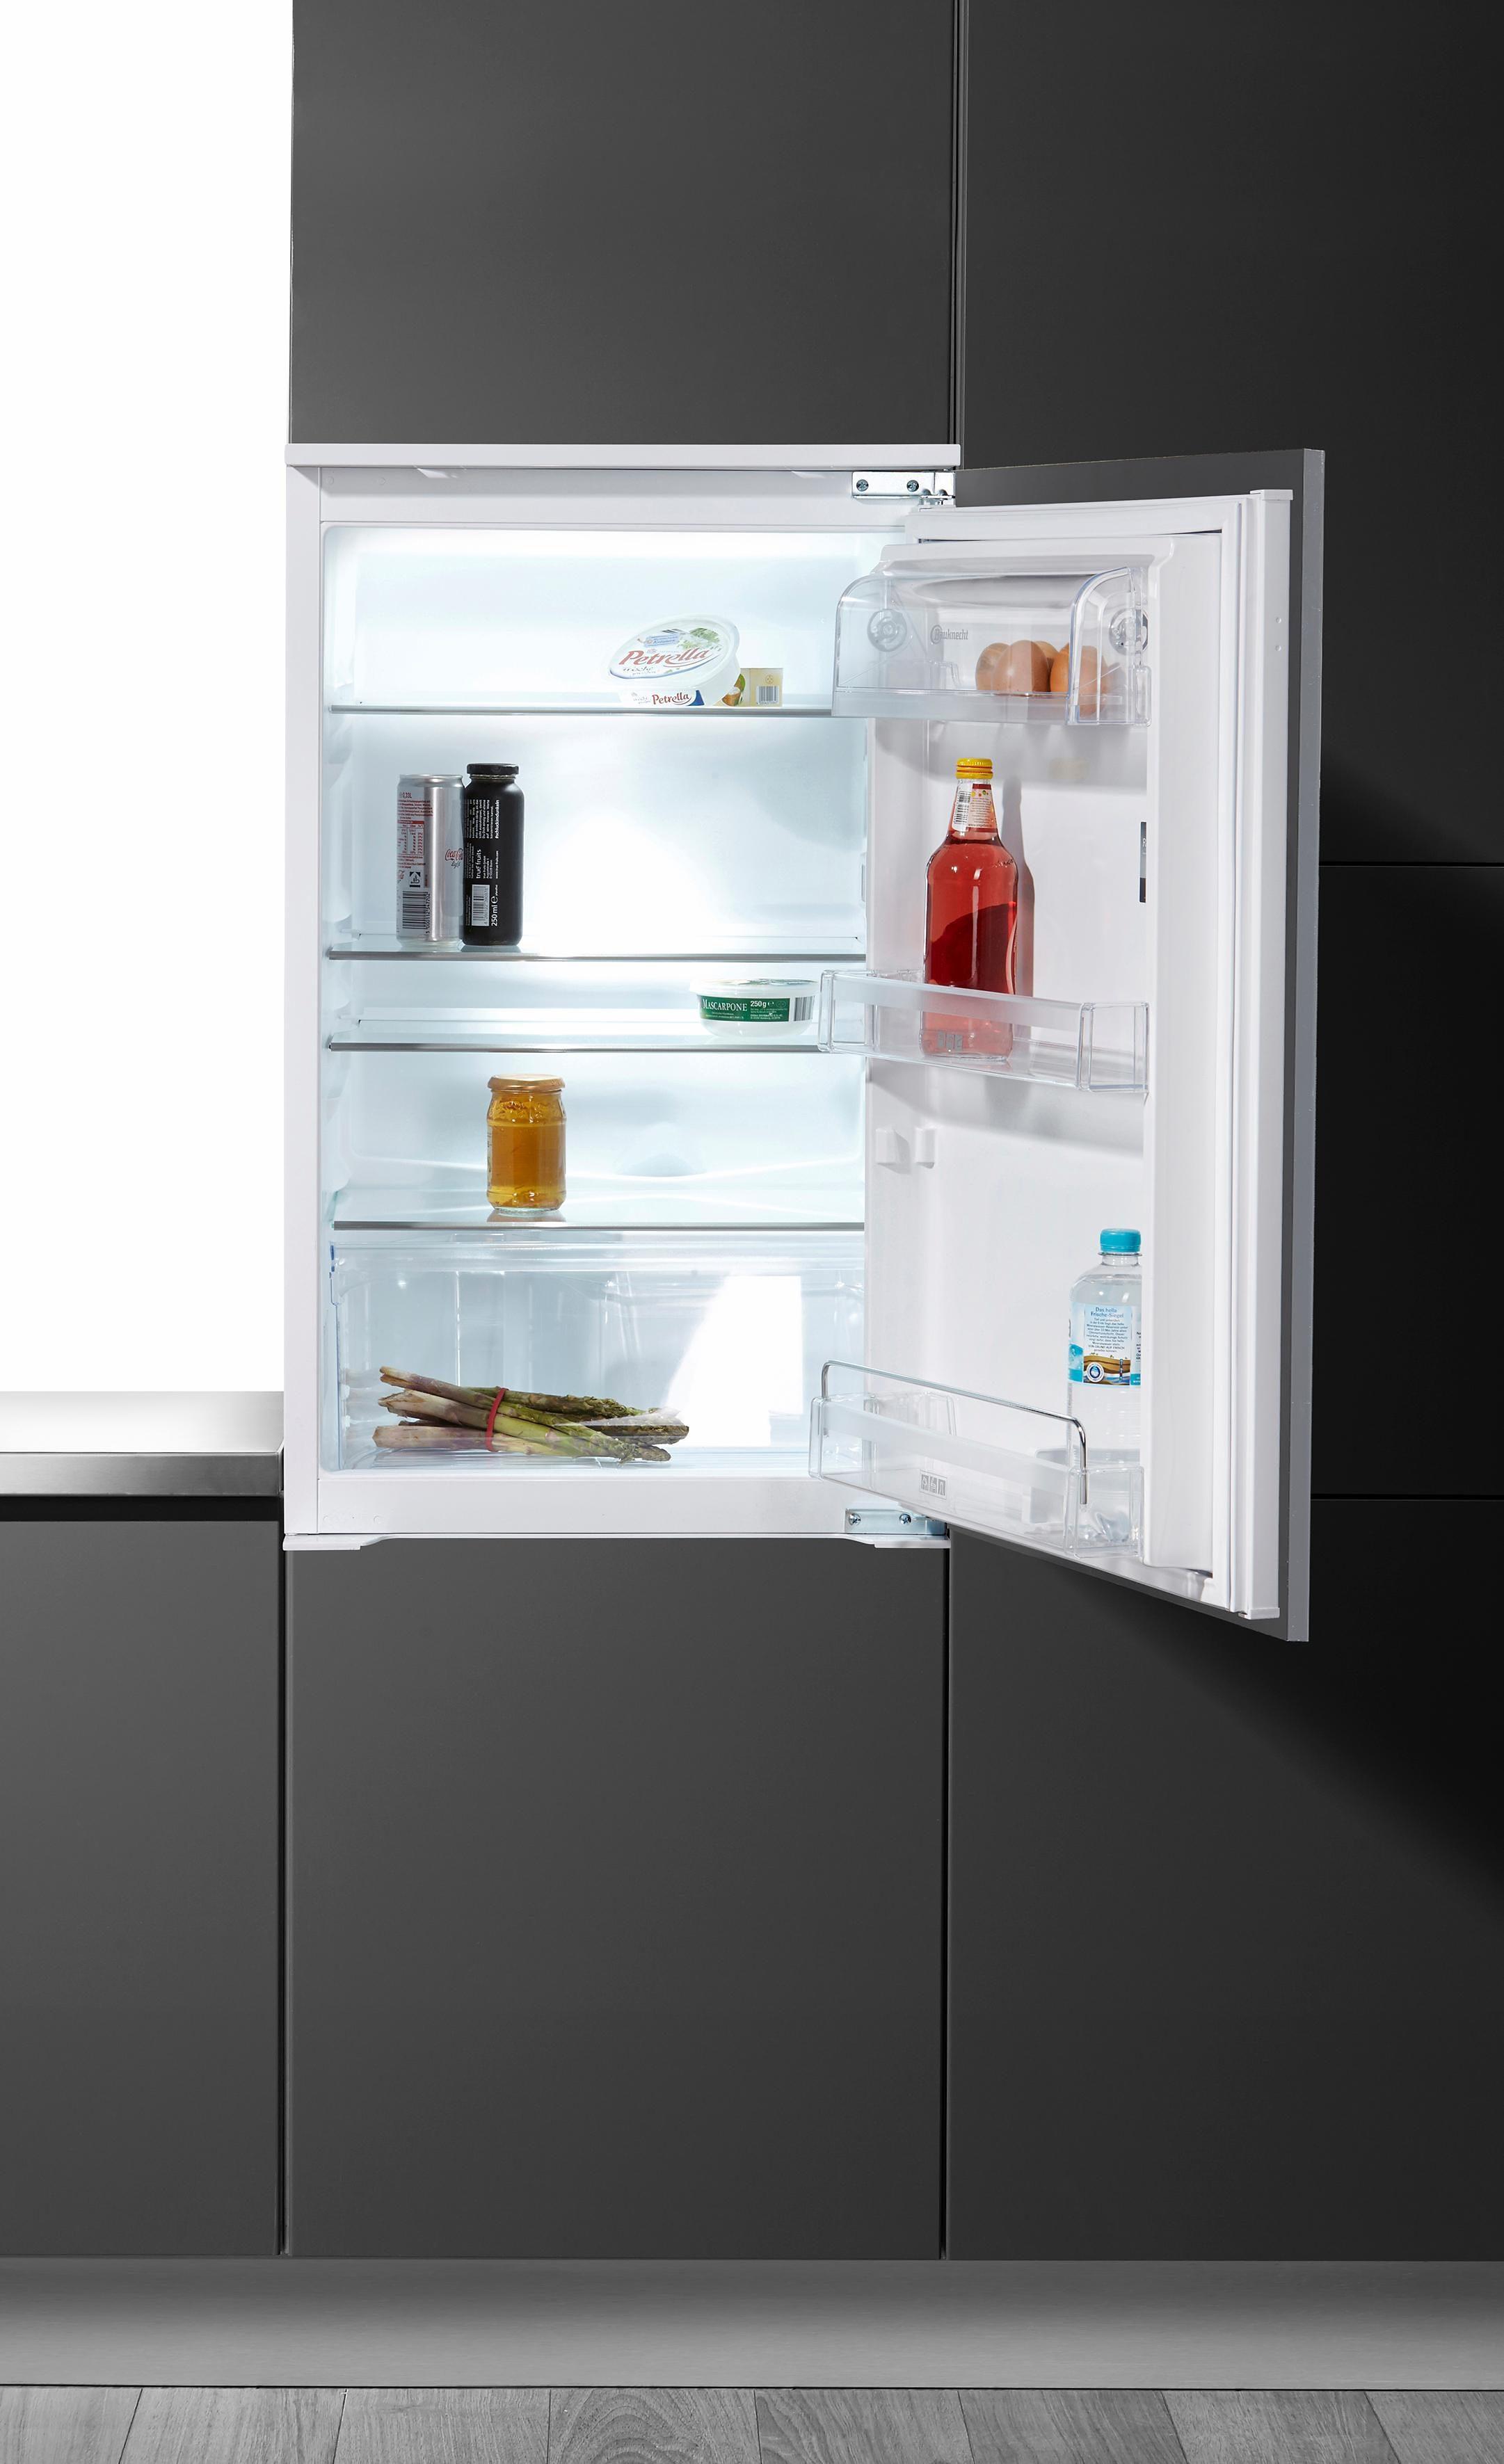 Bauknecht integrierbarer Einbau-Kühlschrank KRIE 1882 A++, 87,3 cm